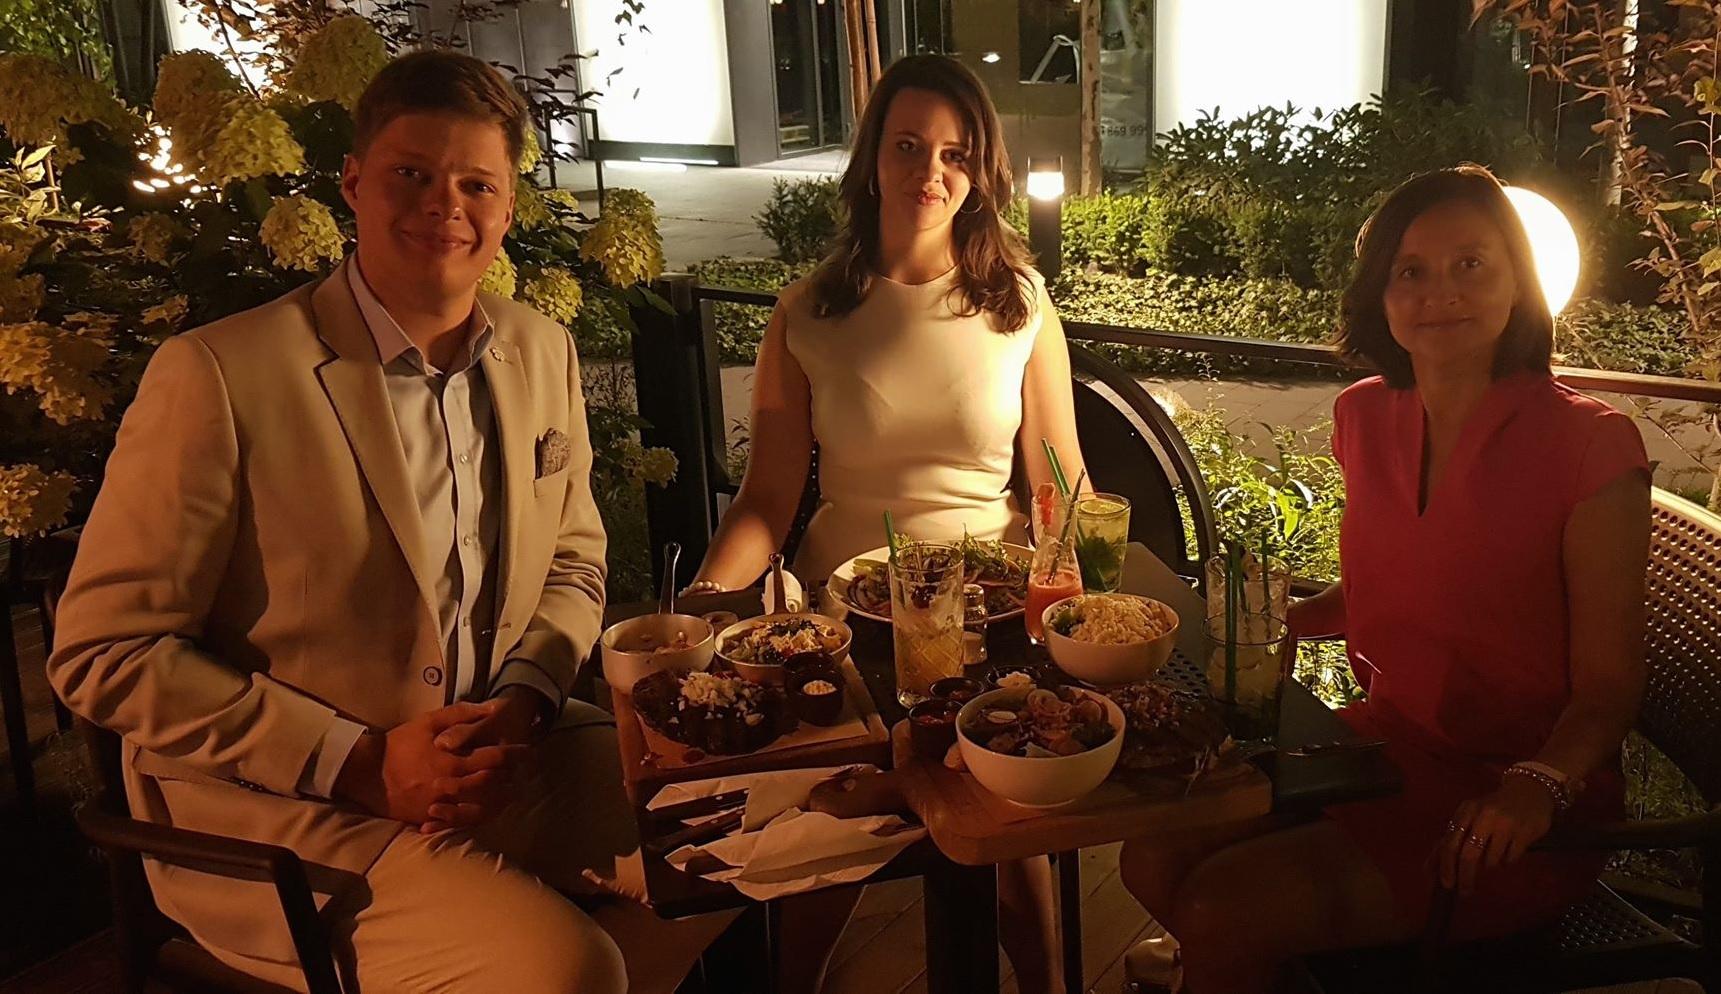 Step in Warsaw - Stadtführerin in Warschau. Ich empfehle ein Balkan Restaurant Munja (in der Nähe des Zentrums), besonders meinen Touristen aus Balkanstaaten. Familienzeit ist die beste Zeit:). Warschau, 25.07.2019.